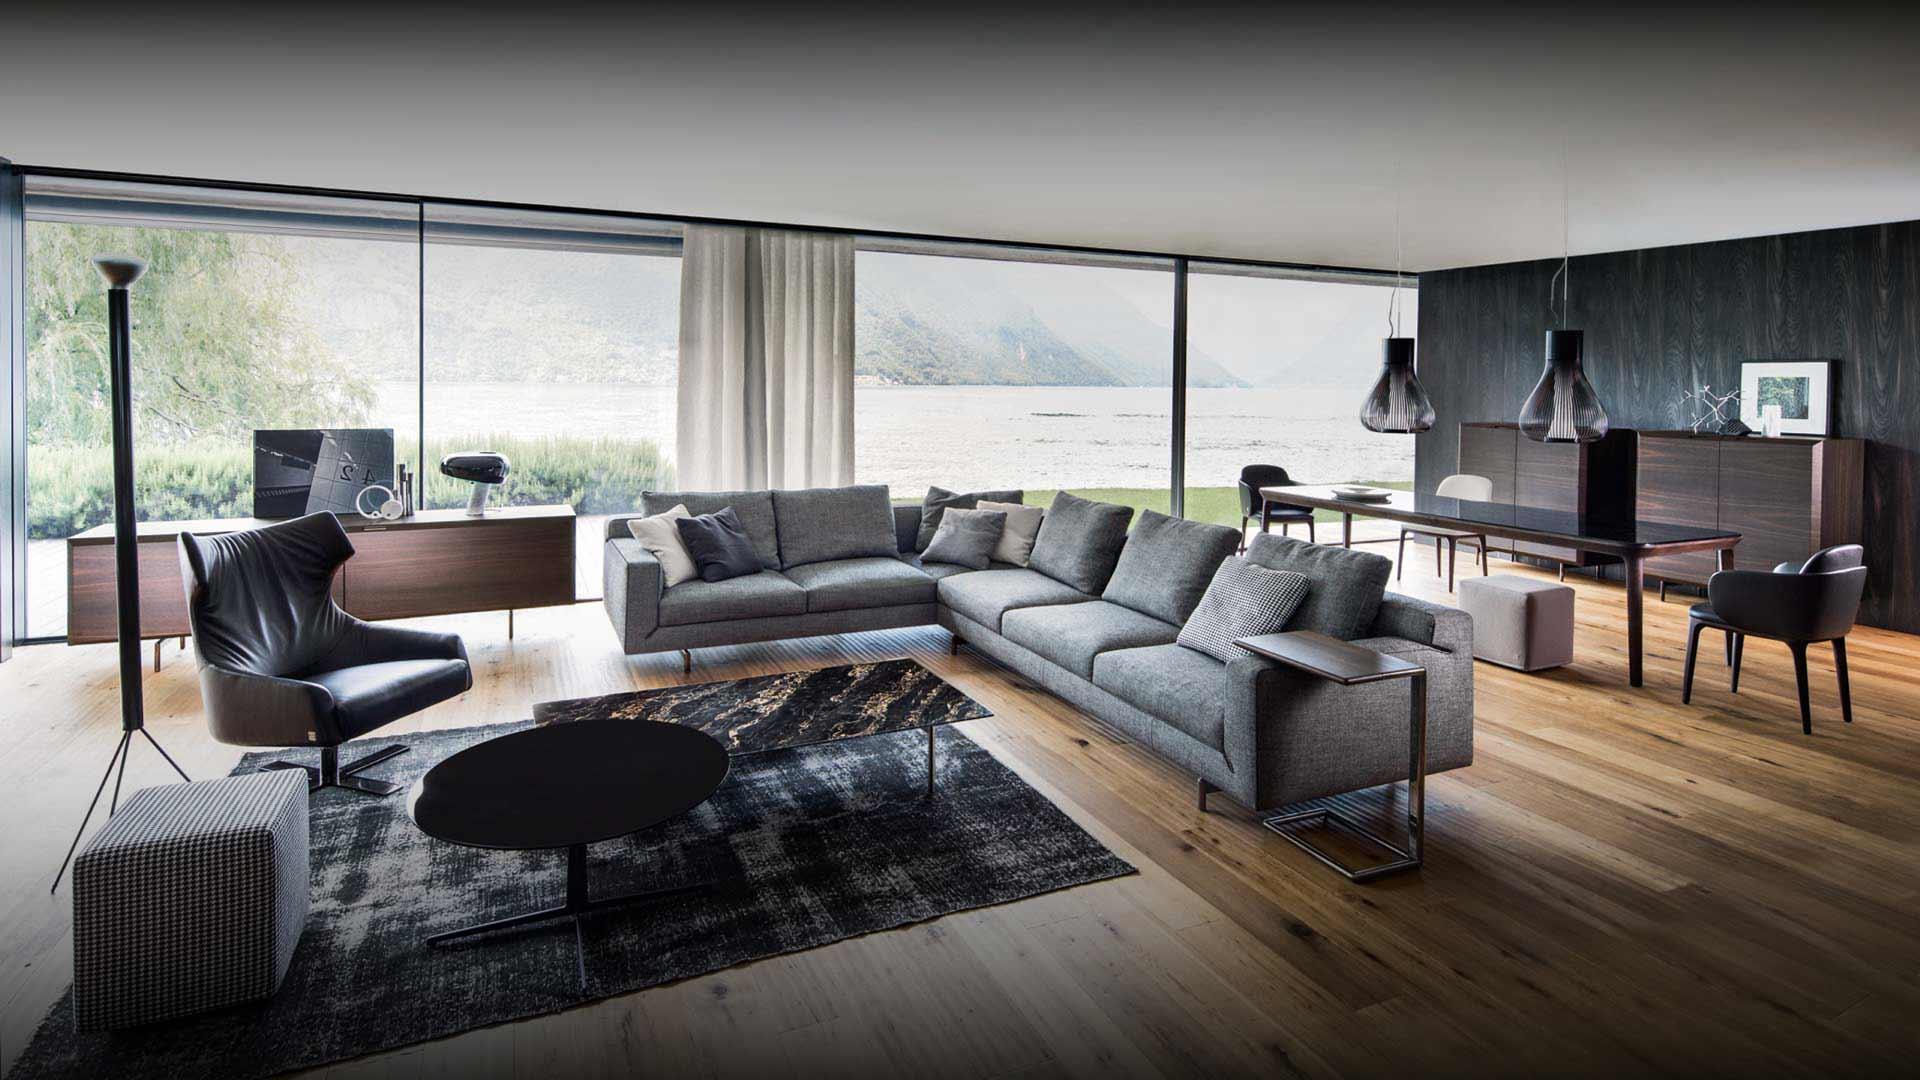 Best divani busnelli prezzi contemporary for Boga arredamenti